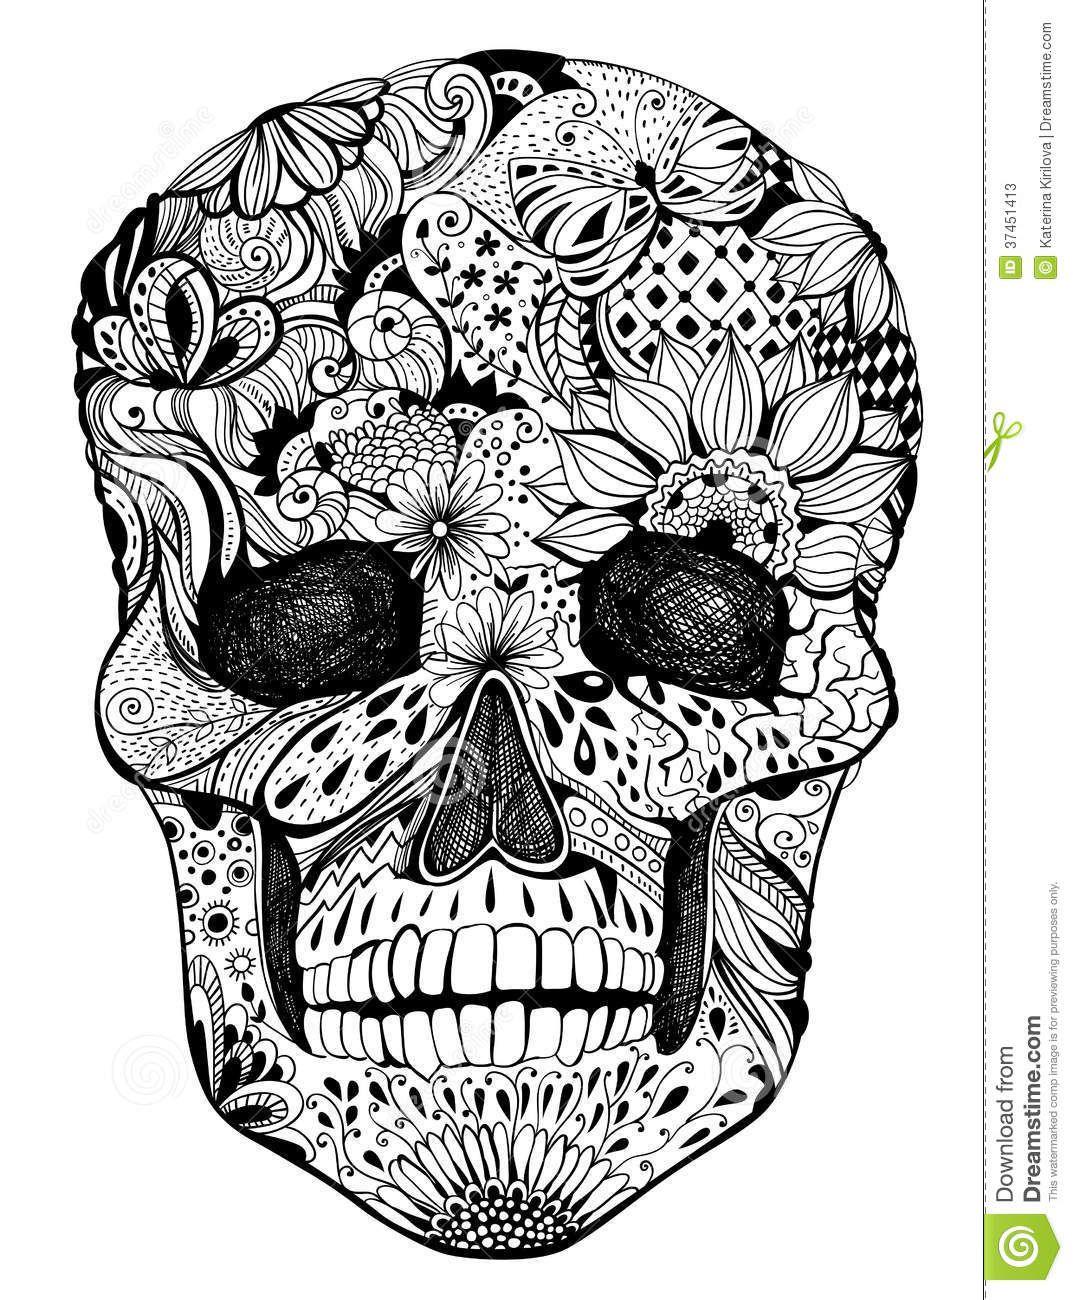 Crâne Mexicain - Recherche Google | Tête De Mort avec Crane Mexicain Dessin